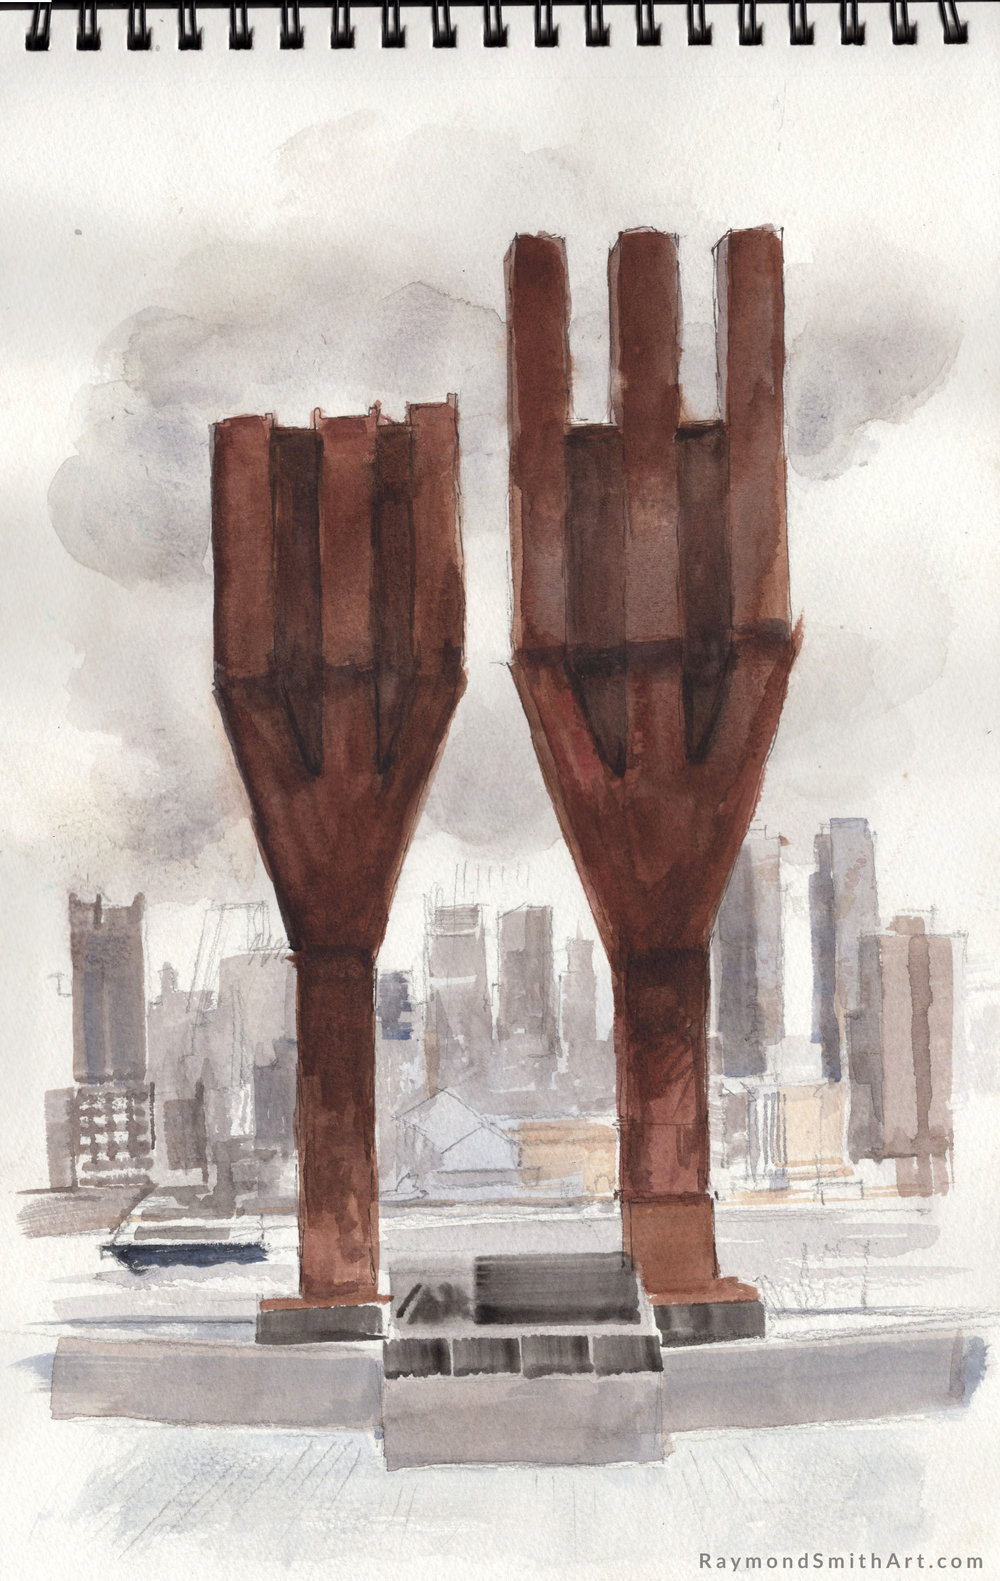 Weehawken 9/11 Memorial